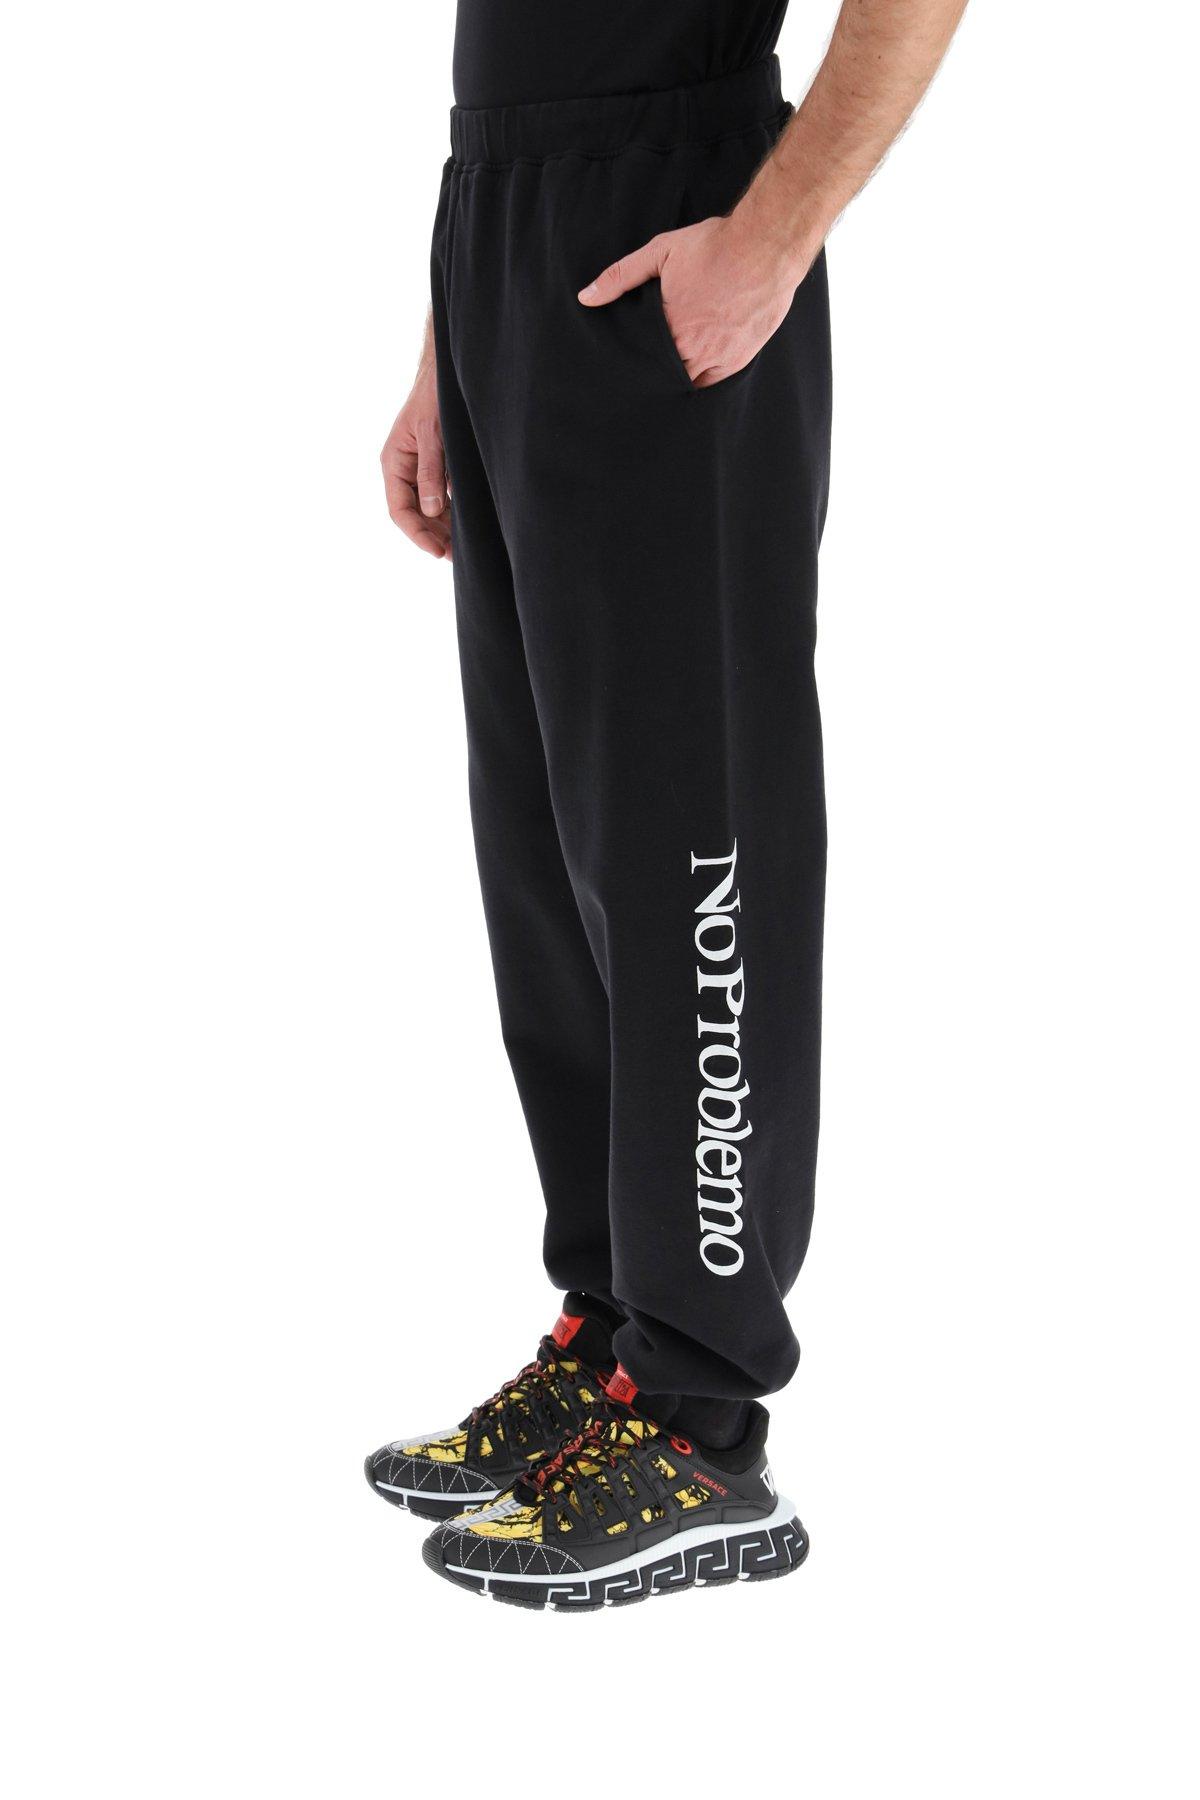 Aries pantalone jogger stampa no problemo